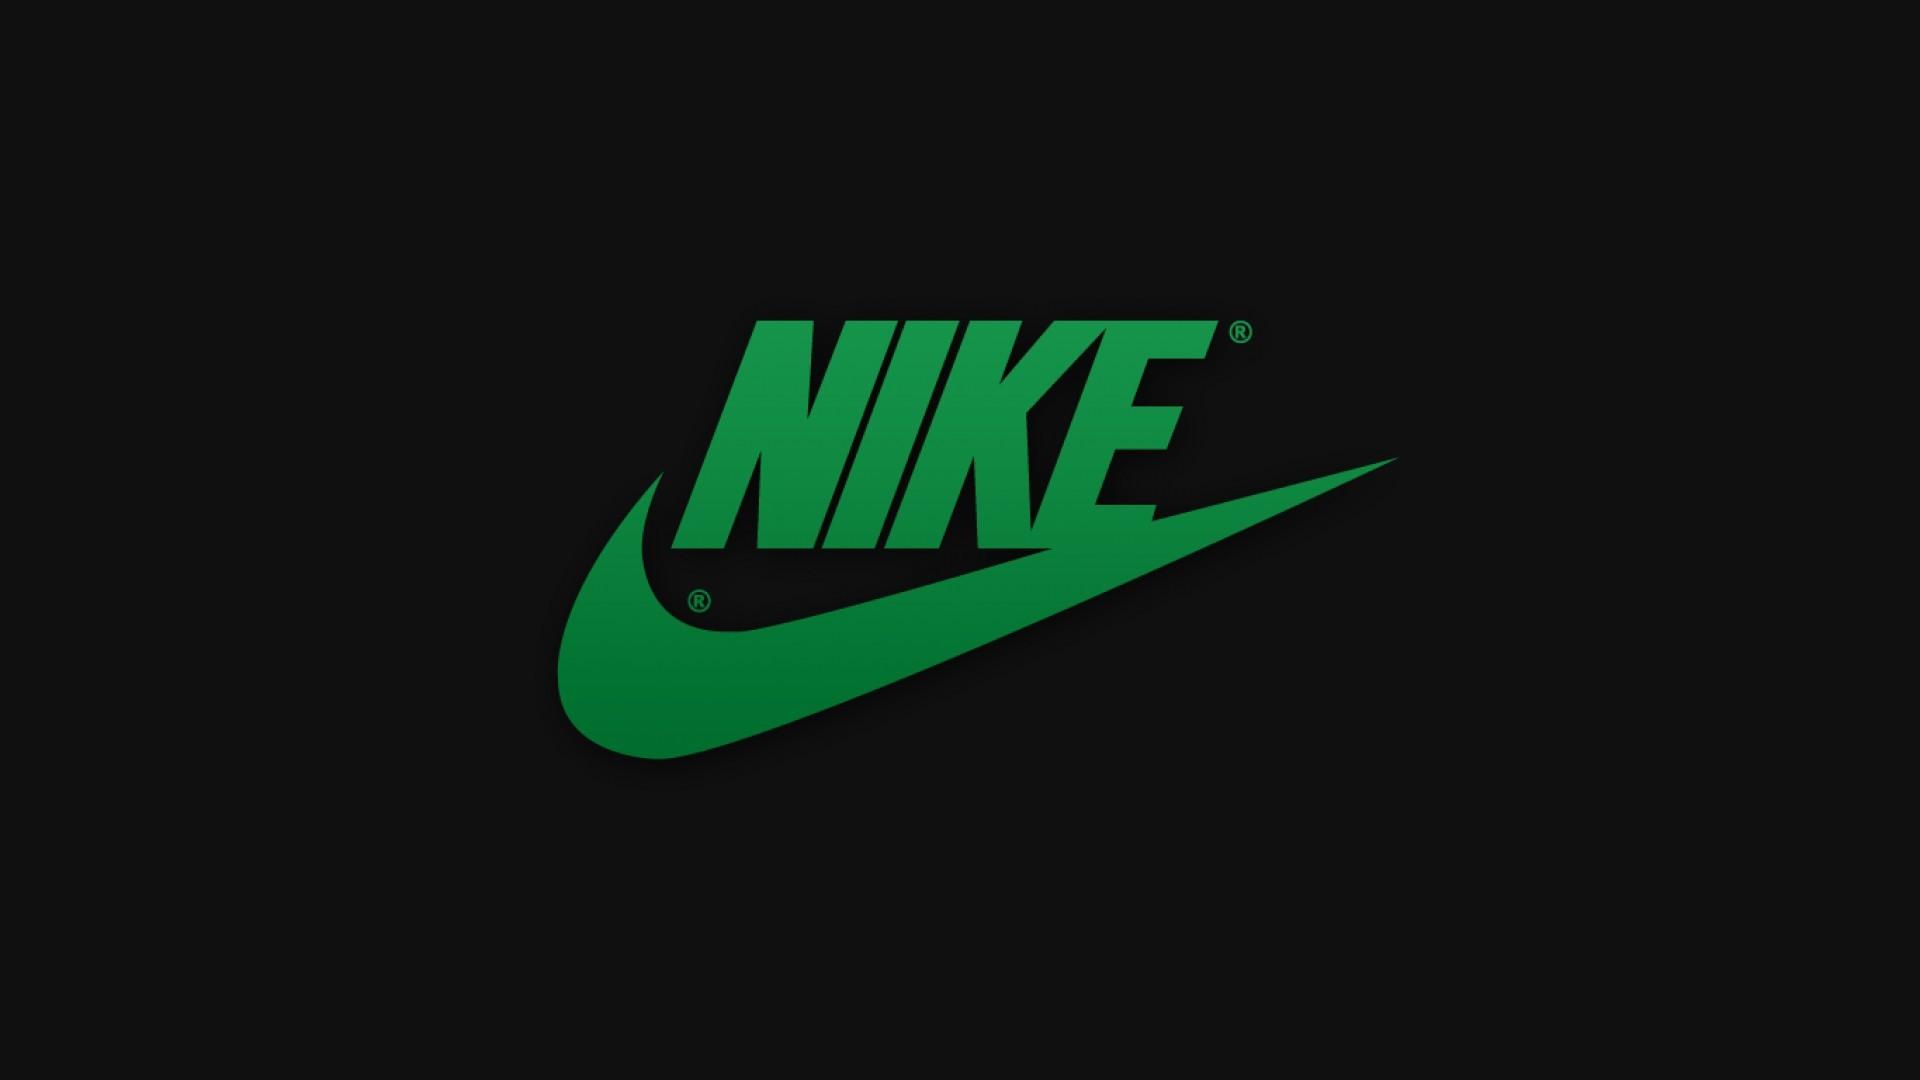 Nike Logo HD Wallpapers: Find best latest Nike Logo HD Wallpapers for your  PC desktop